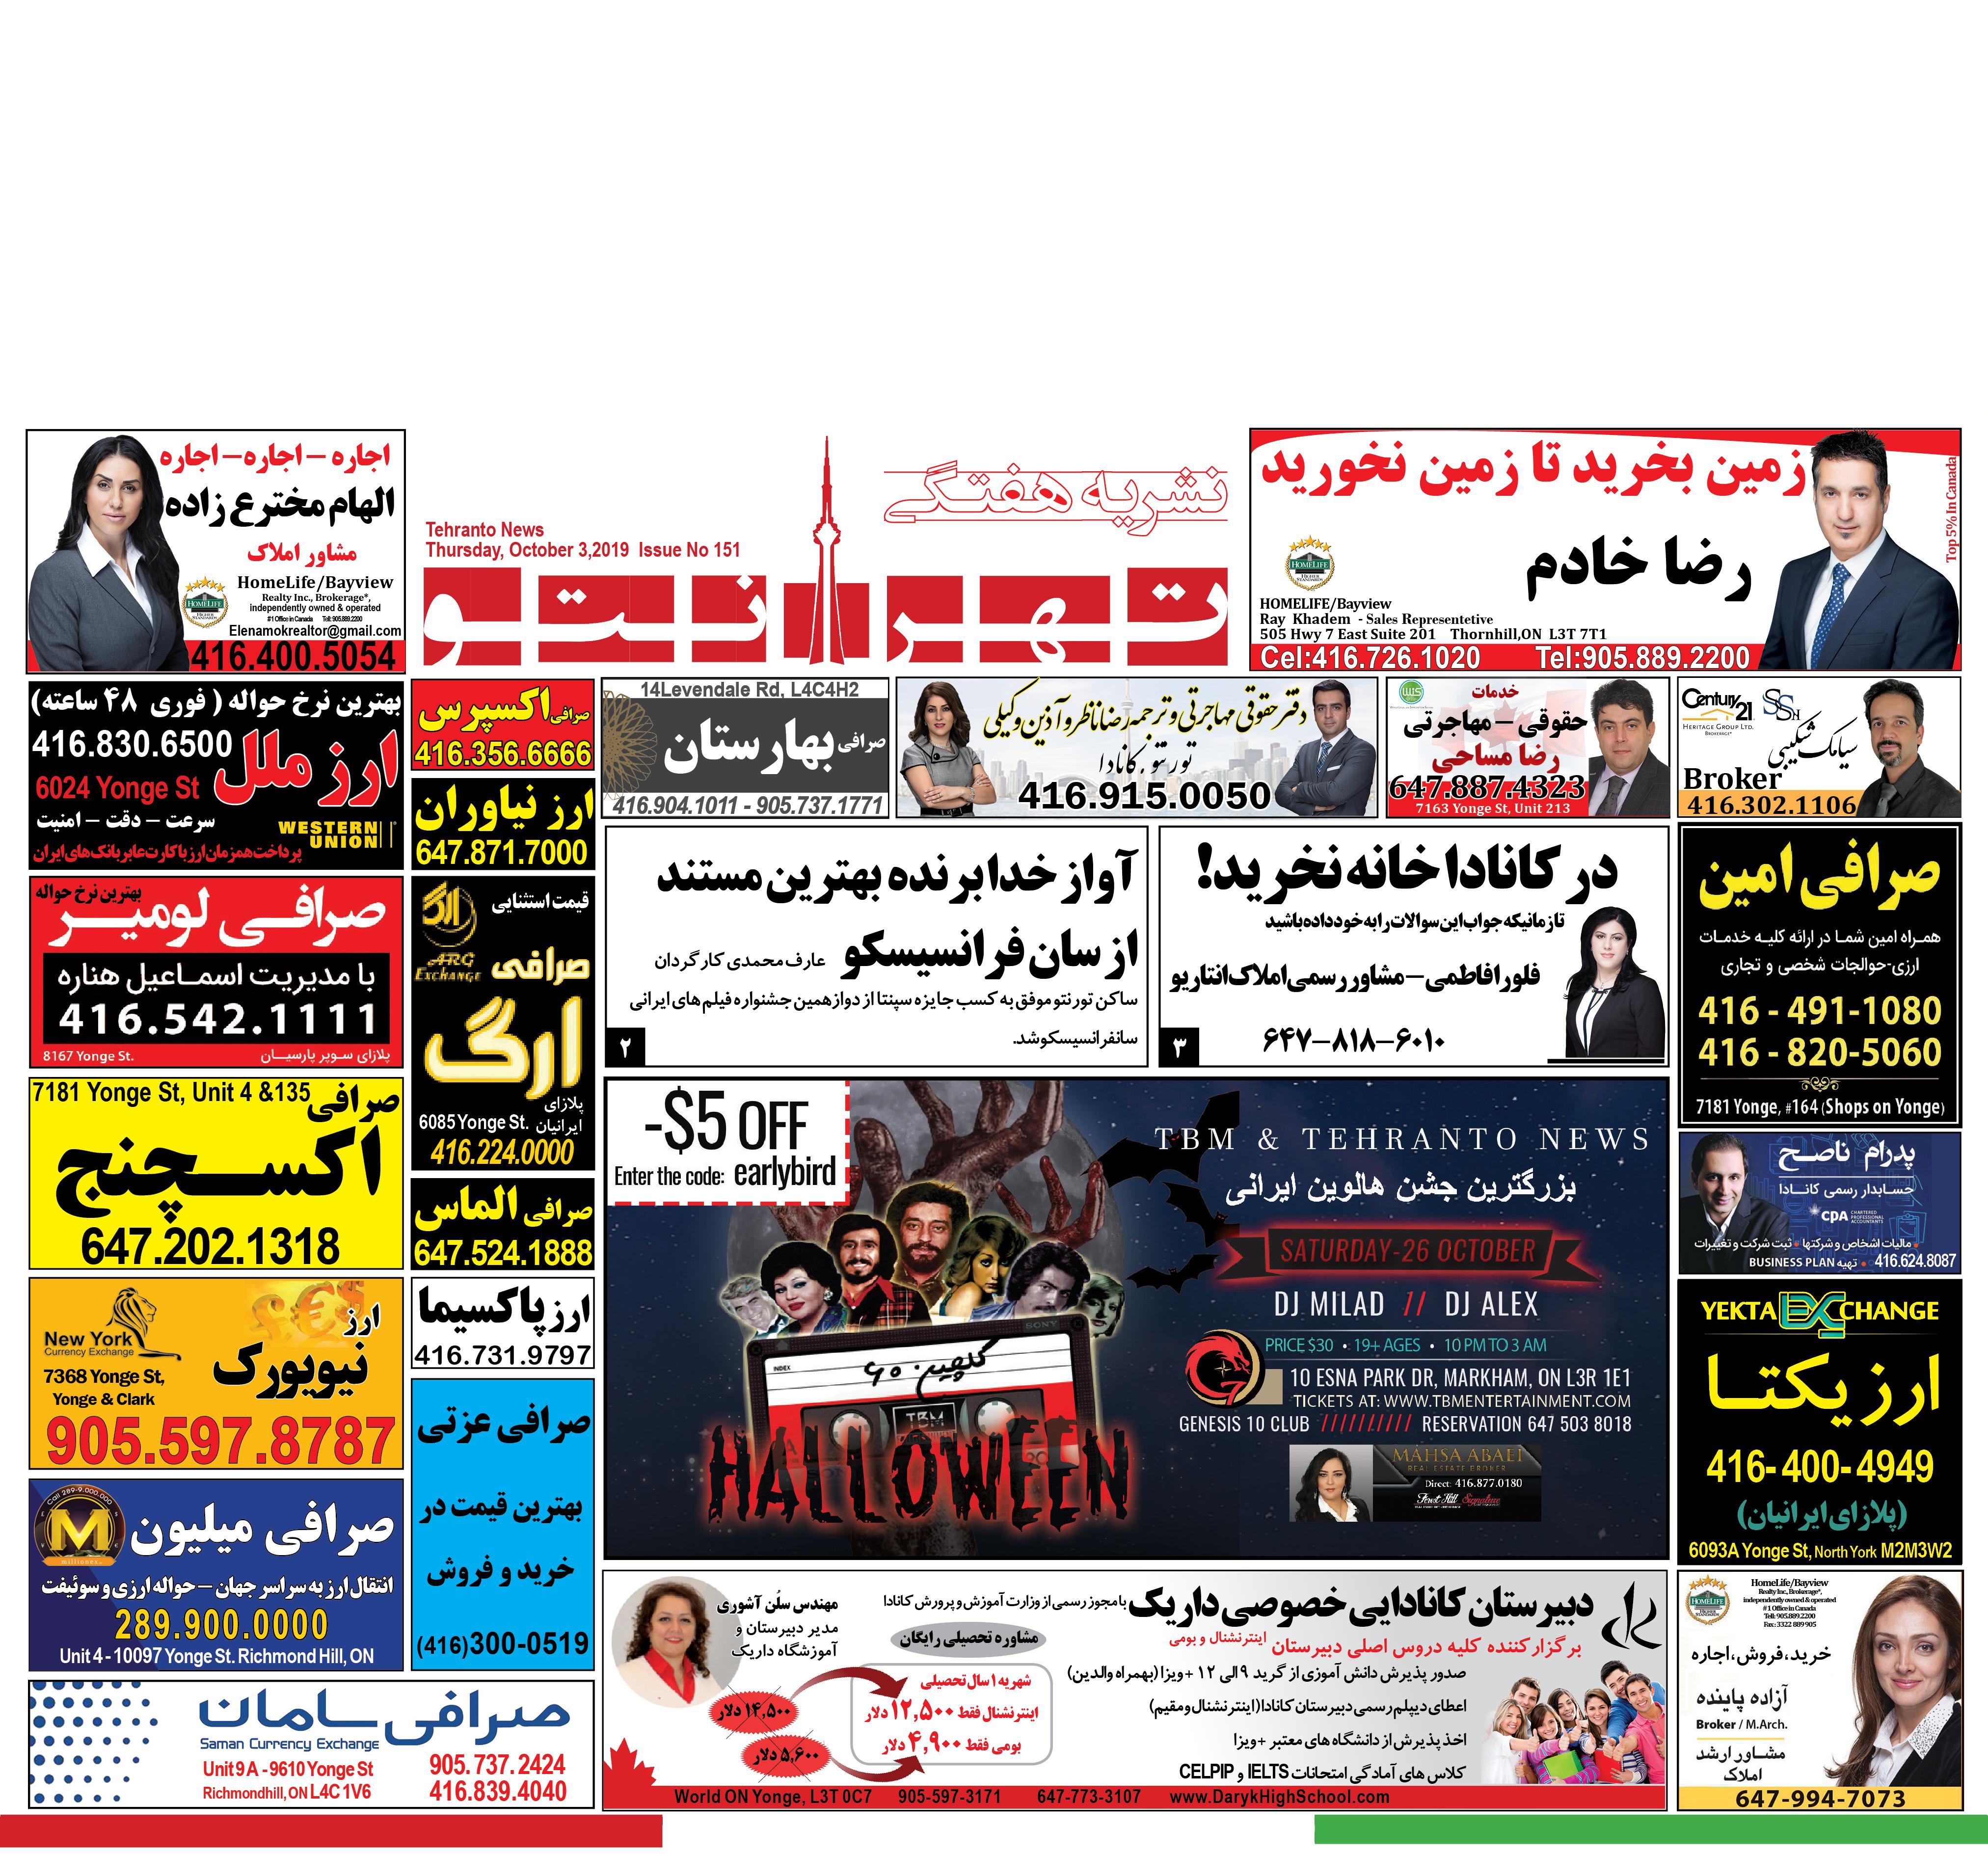 تصویر از نشریه شماره ۱۵۱ تهرانتو منتشر شد